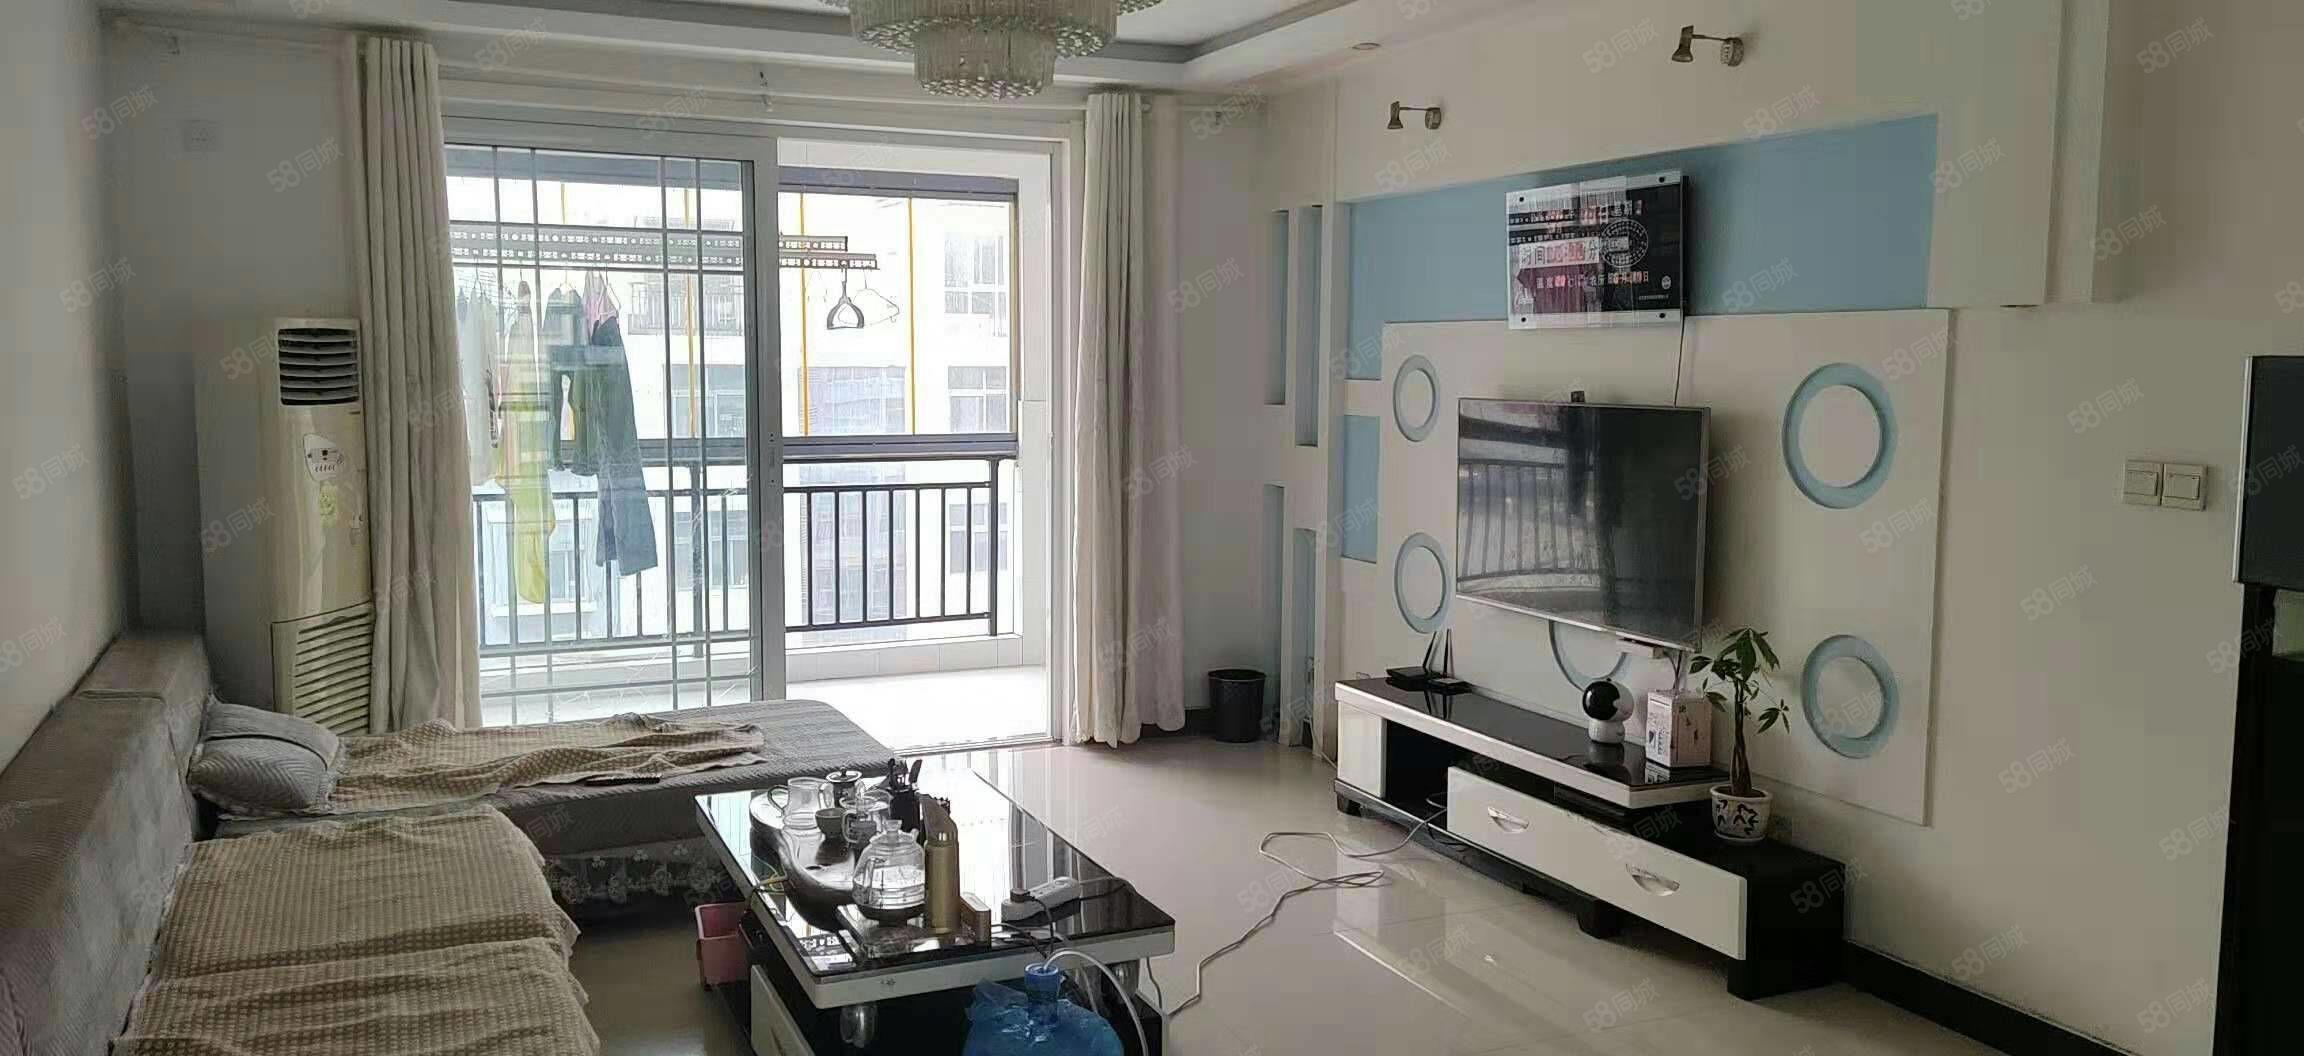 5小40中地王豪庭北区神户型双阳台电梯房带车位带储藏室